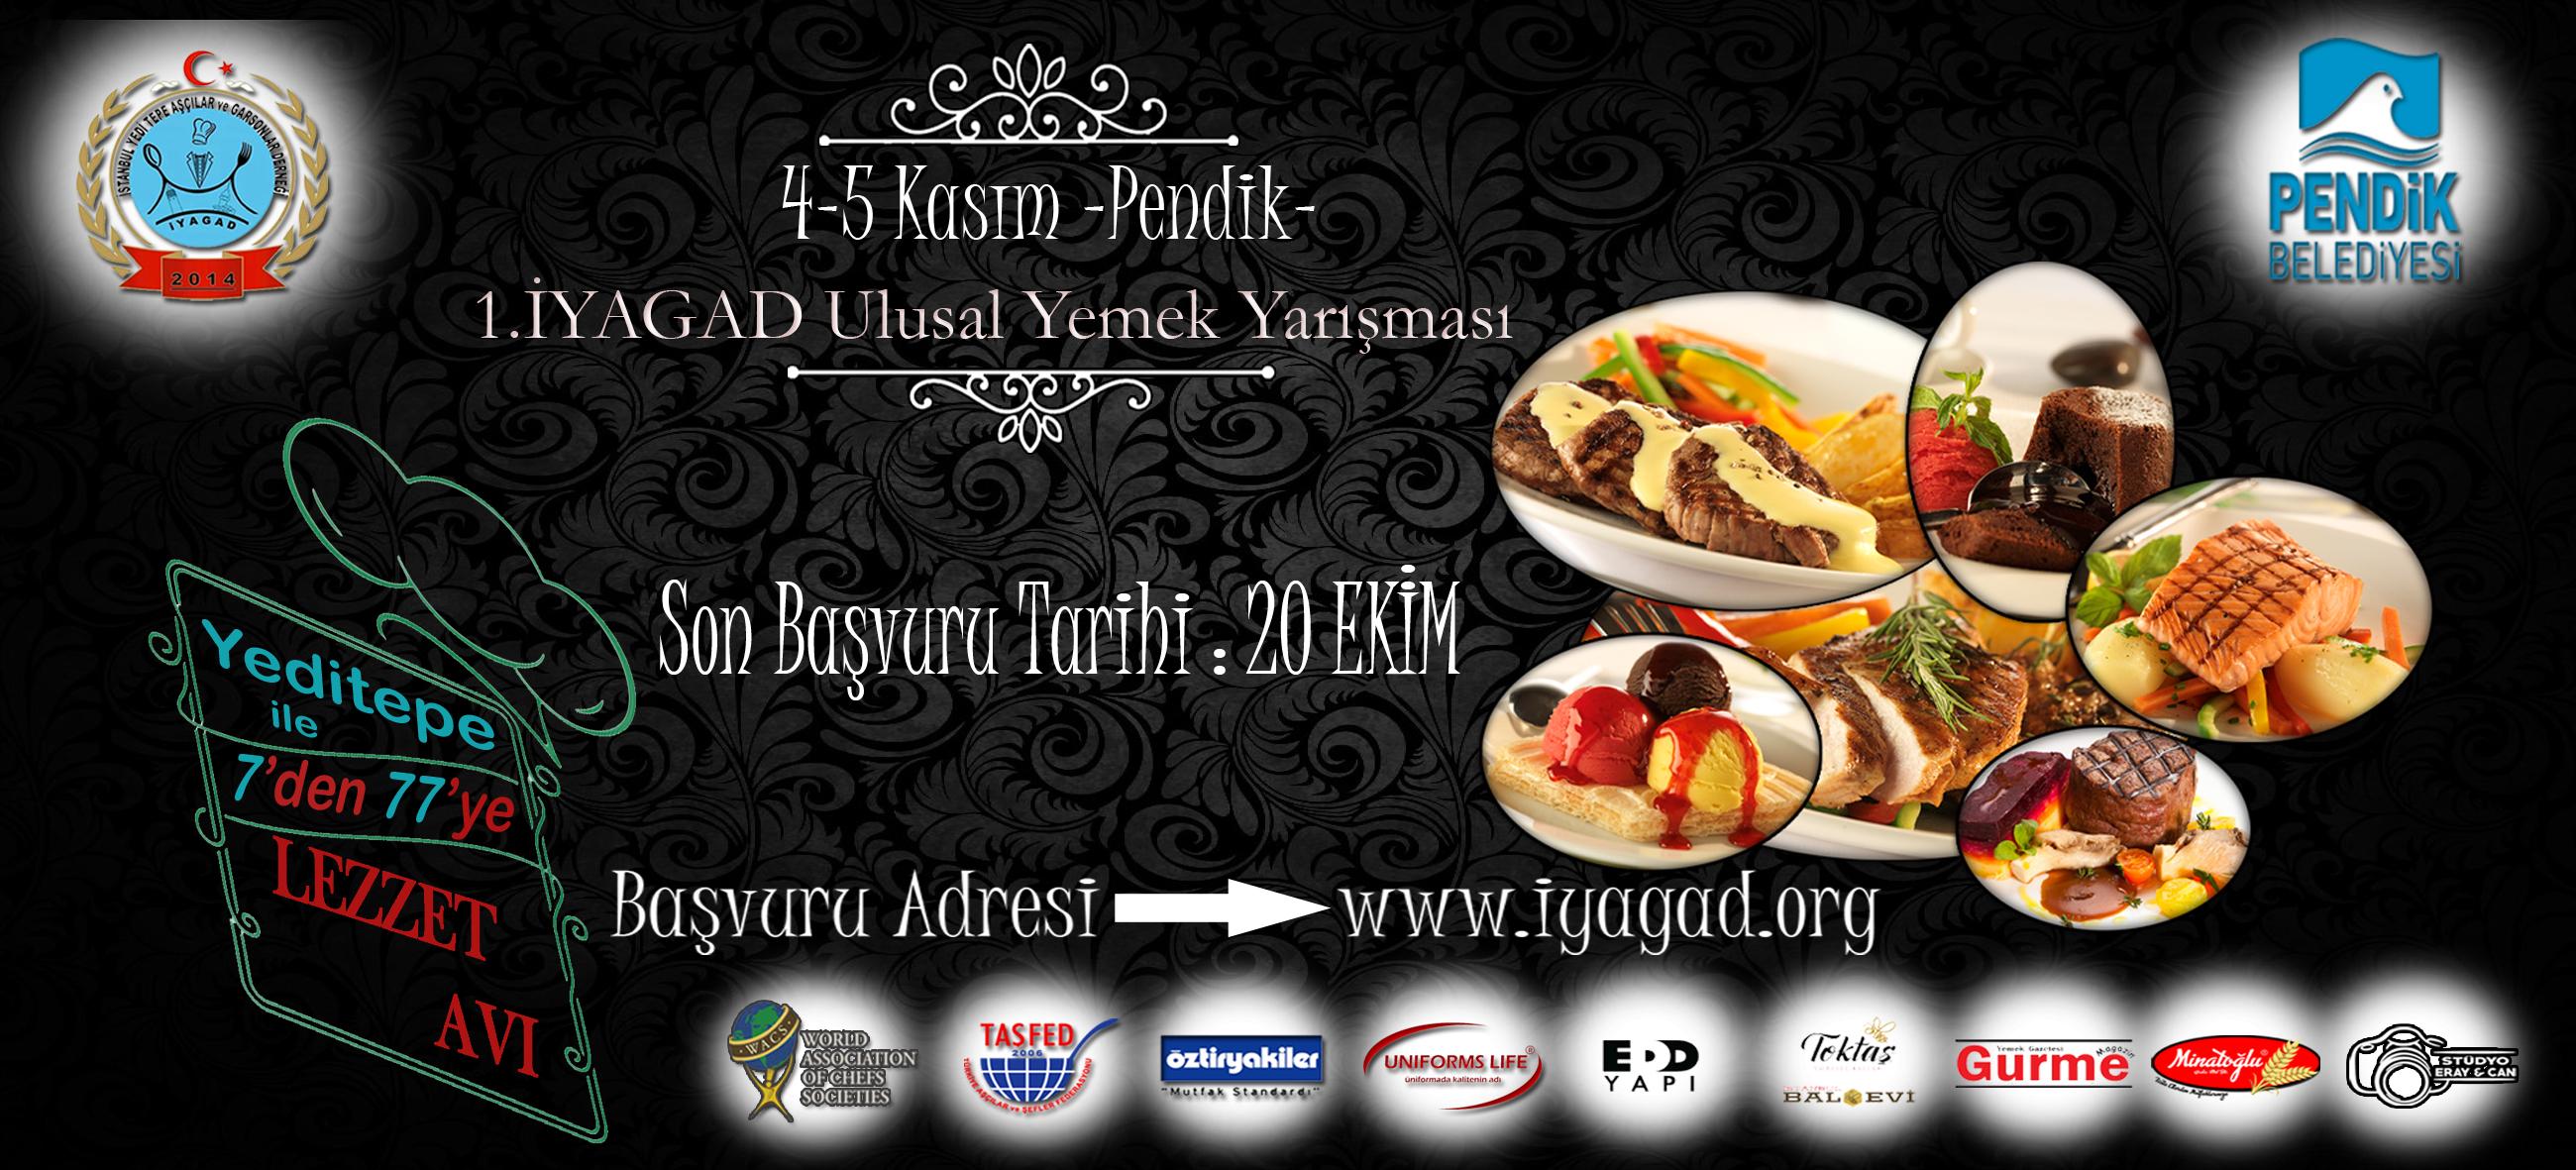 1.İyagad Ulusal Yemek Yarışması 4-5 Kasım 2017 tarihinde düzenlenecek.